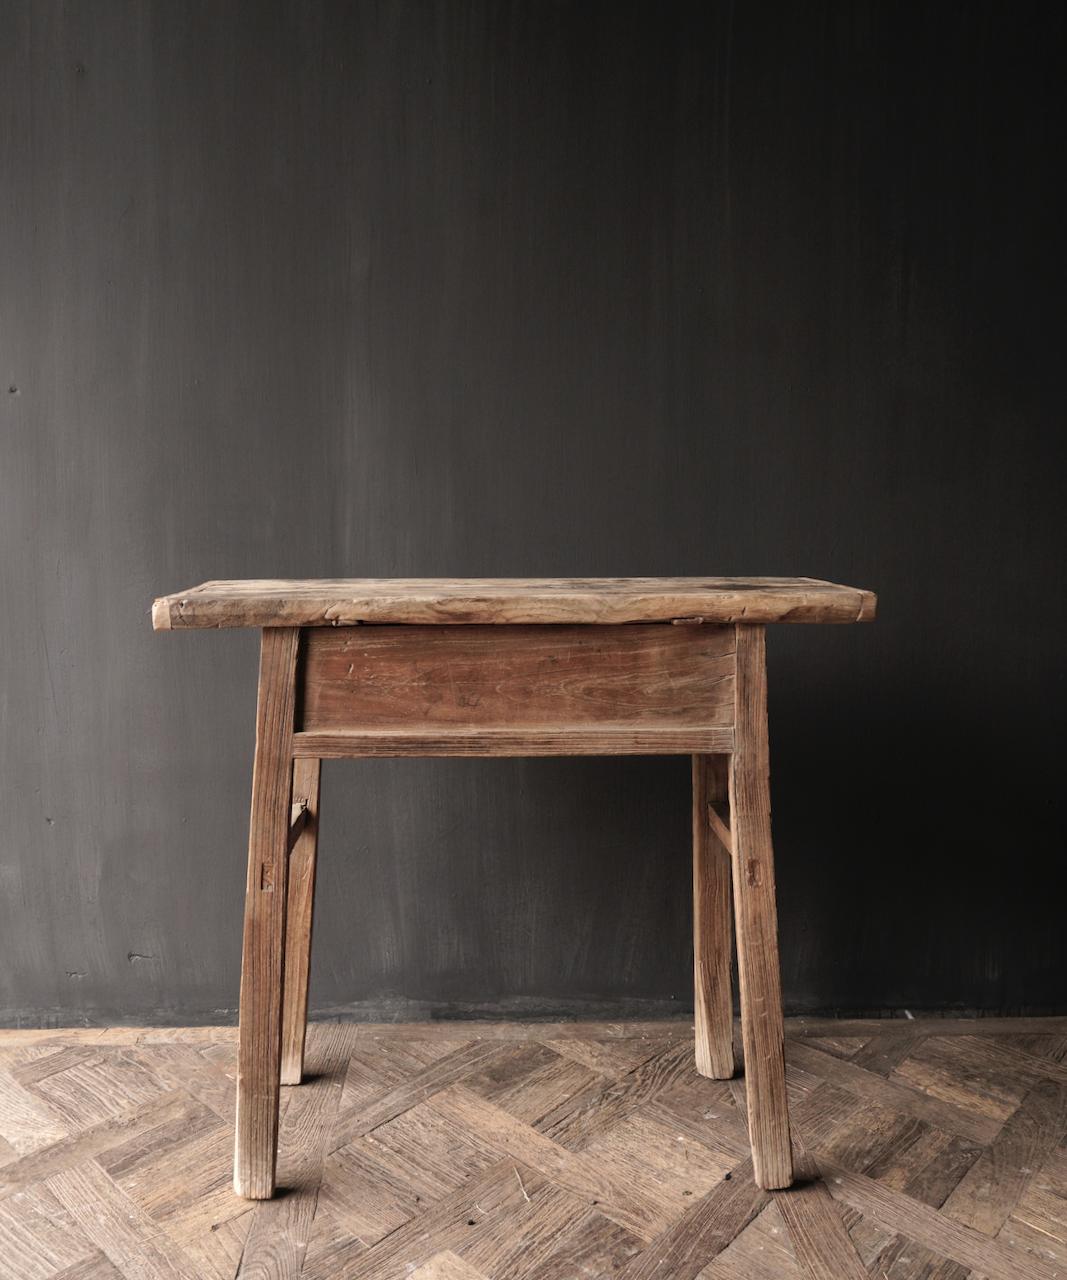 Authentischer einzigartiger alter schmaler Beistelltisch / Wandtisch-8